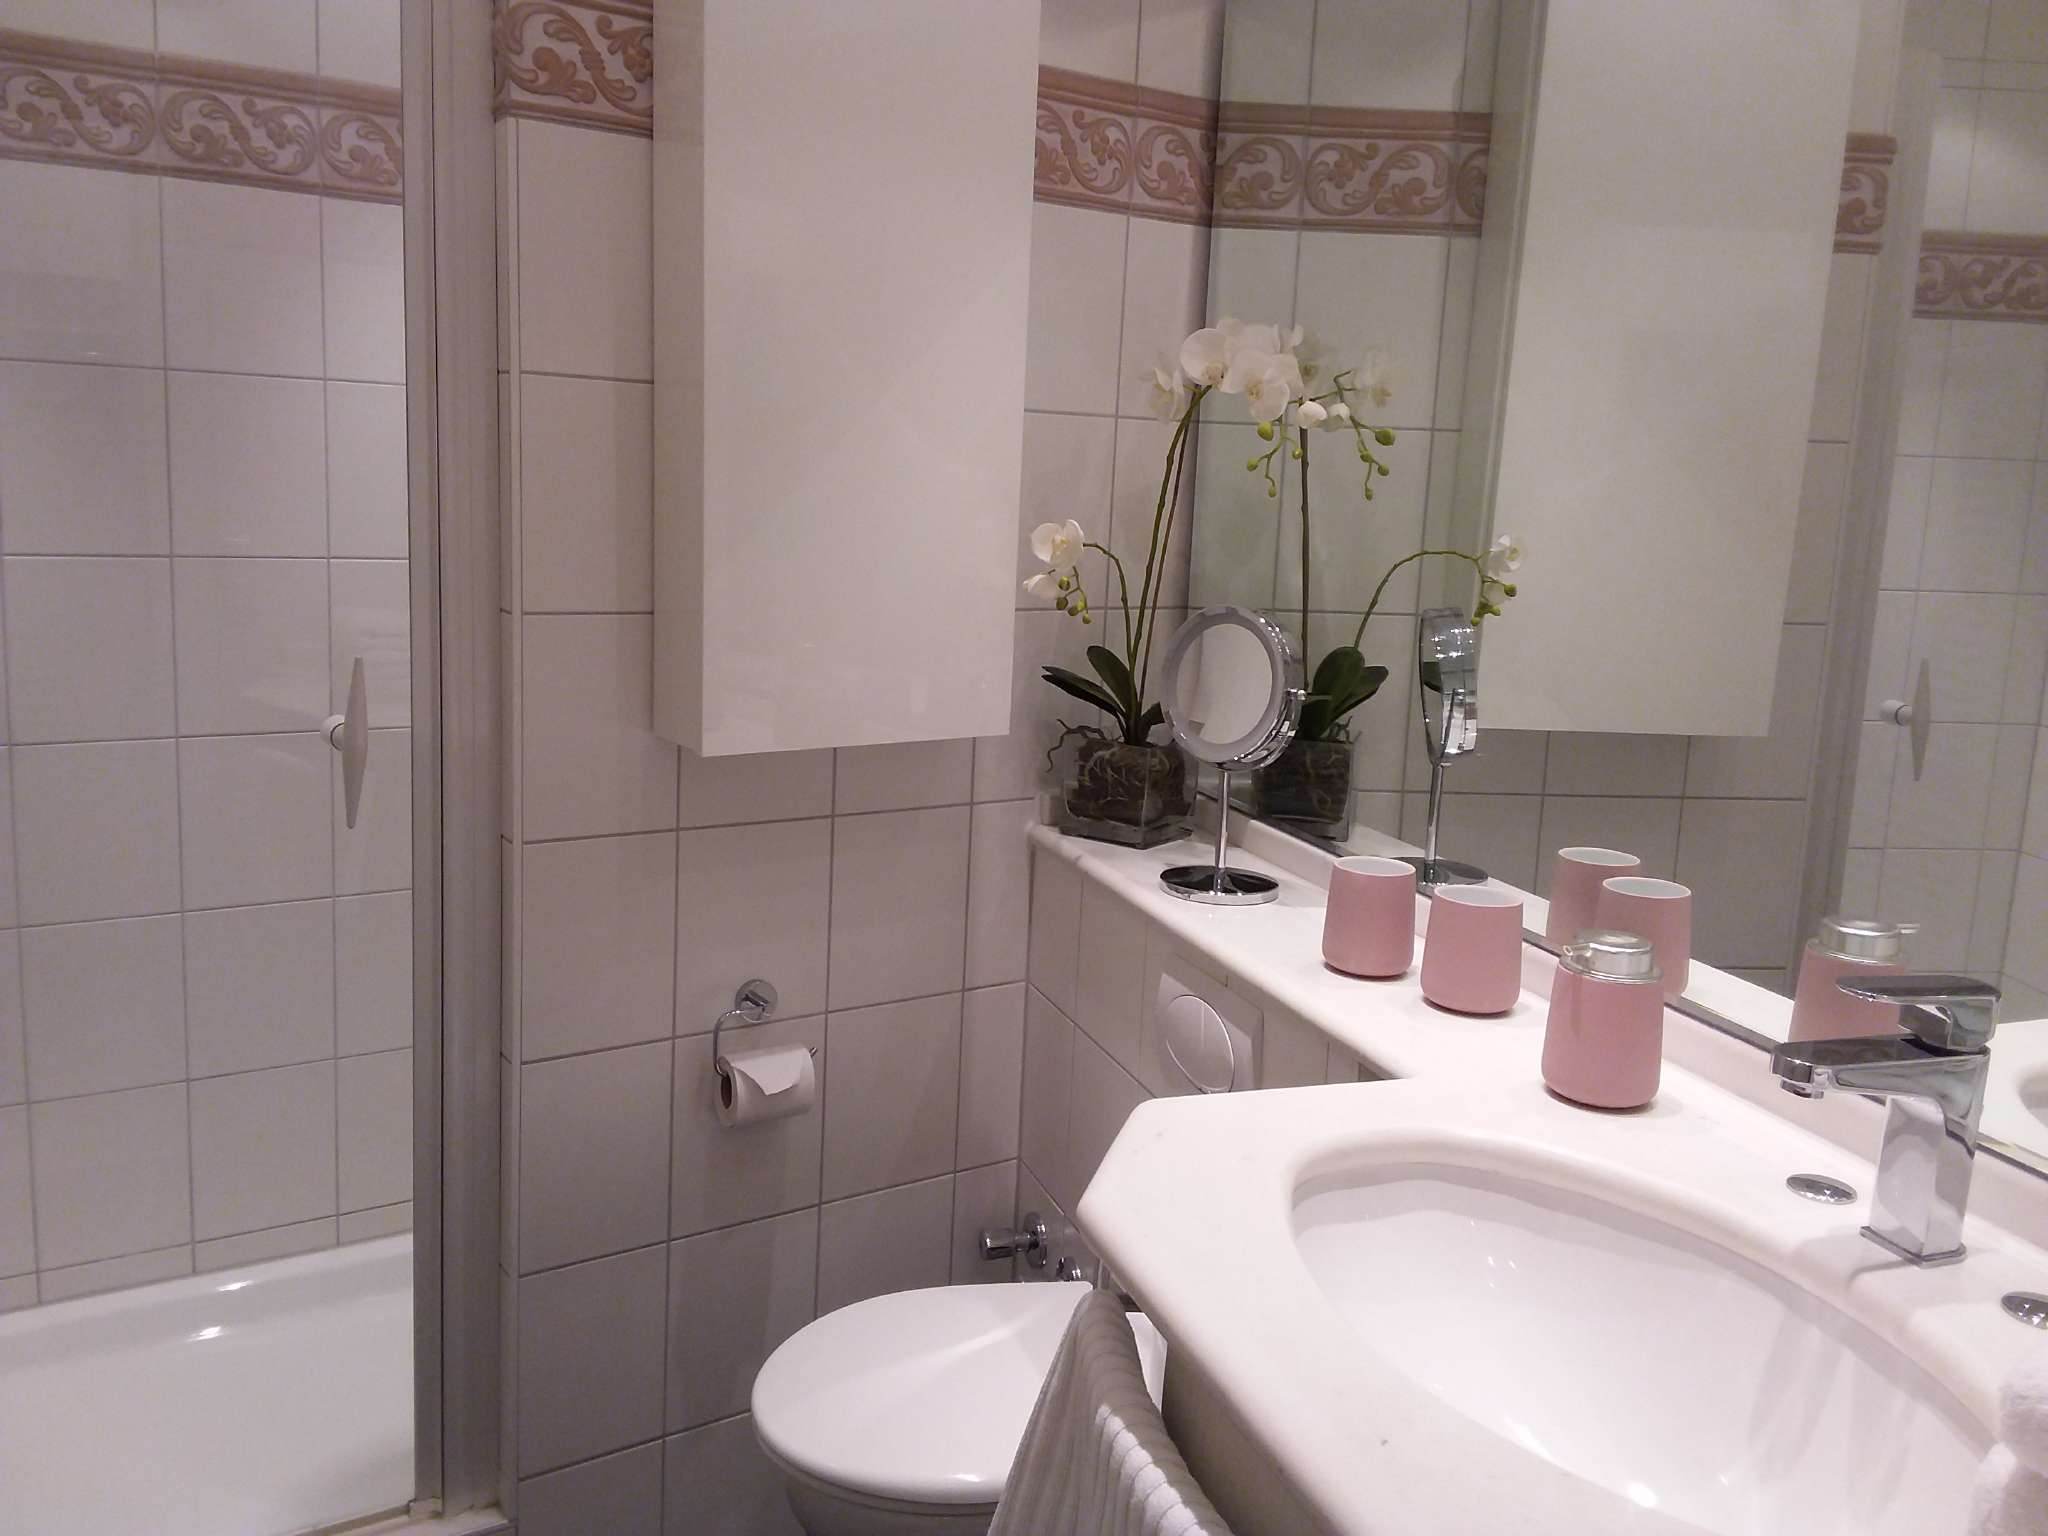 Duschbad, Föhn, Vergrößerungsspiegel